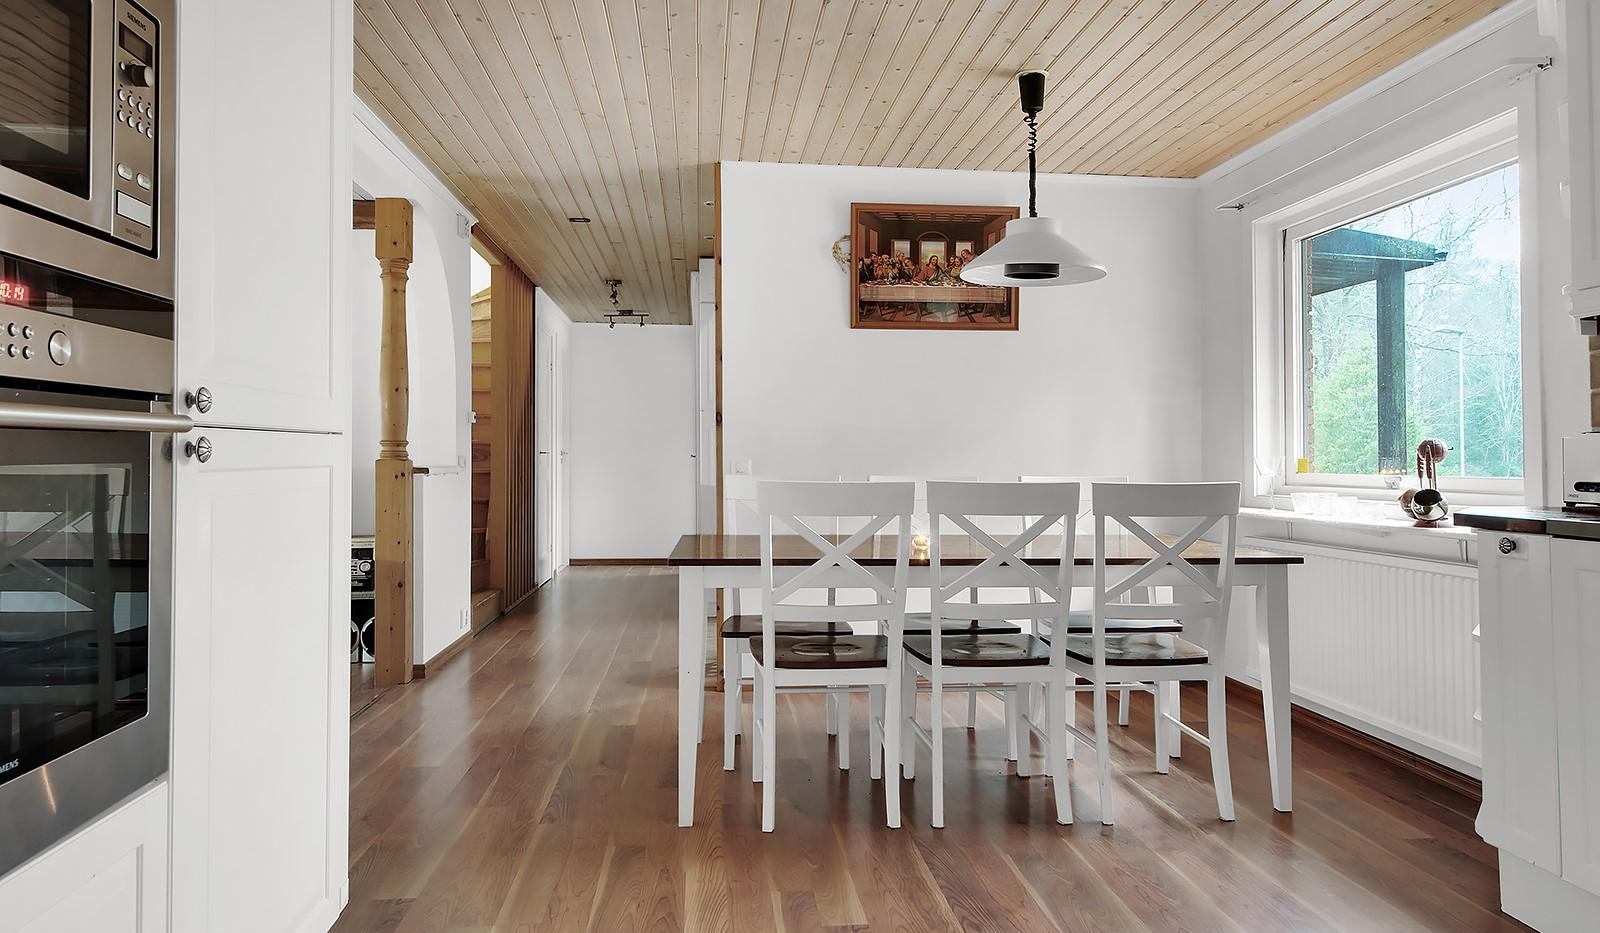 Murkelvägen 4 - Kök mot hall och vardagsrum